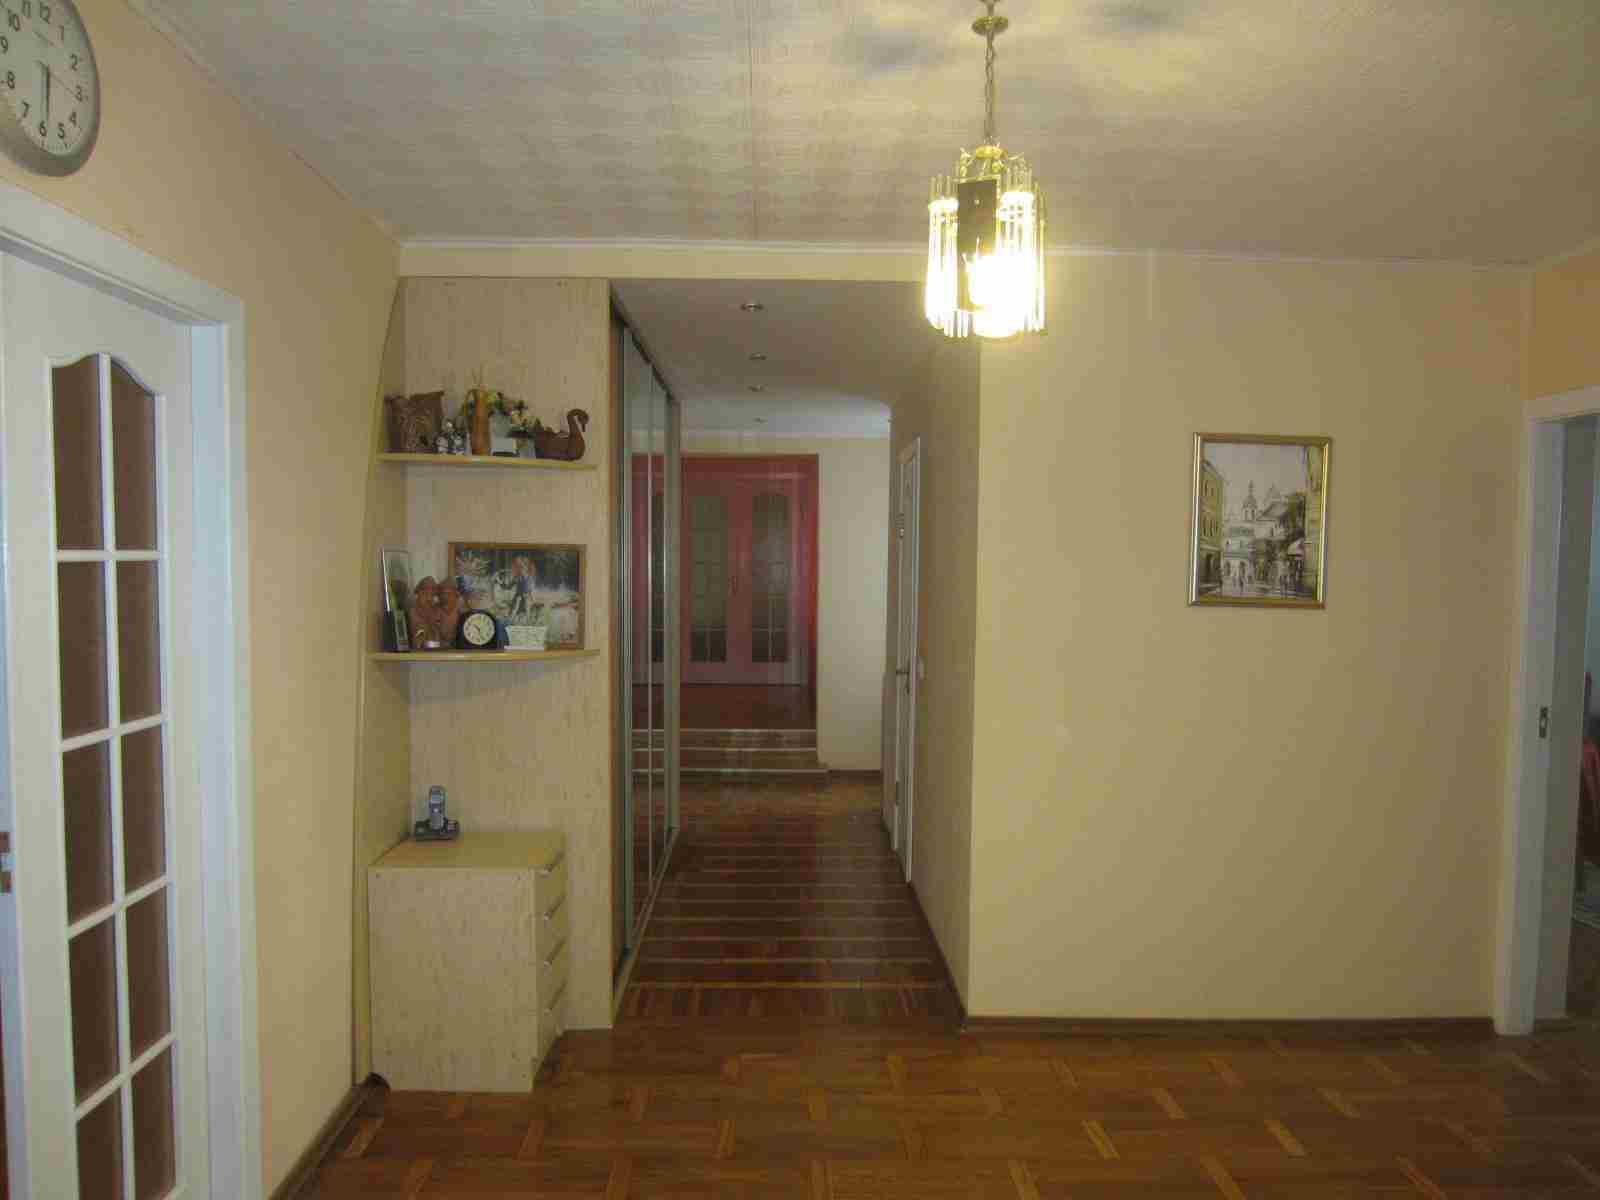 5-ти комнатная квартира в самом центре столицы на Немиге!